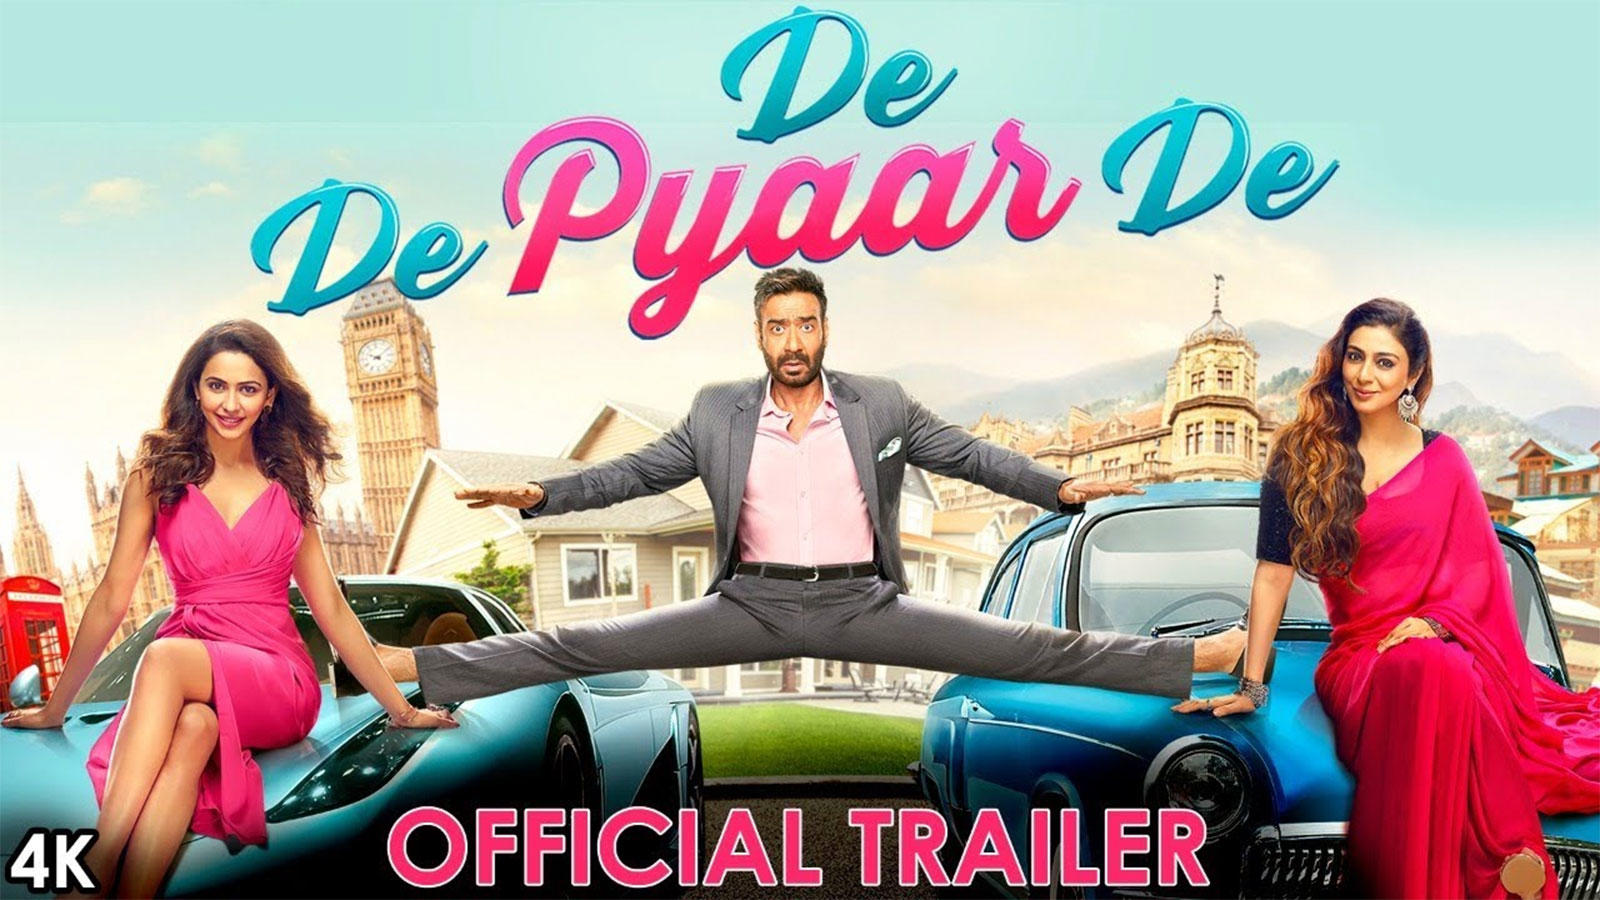 De De Pyaar De - Official Trailer